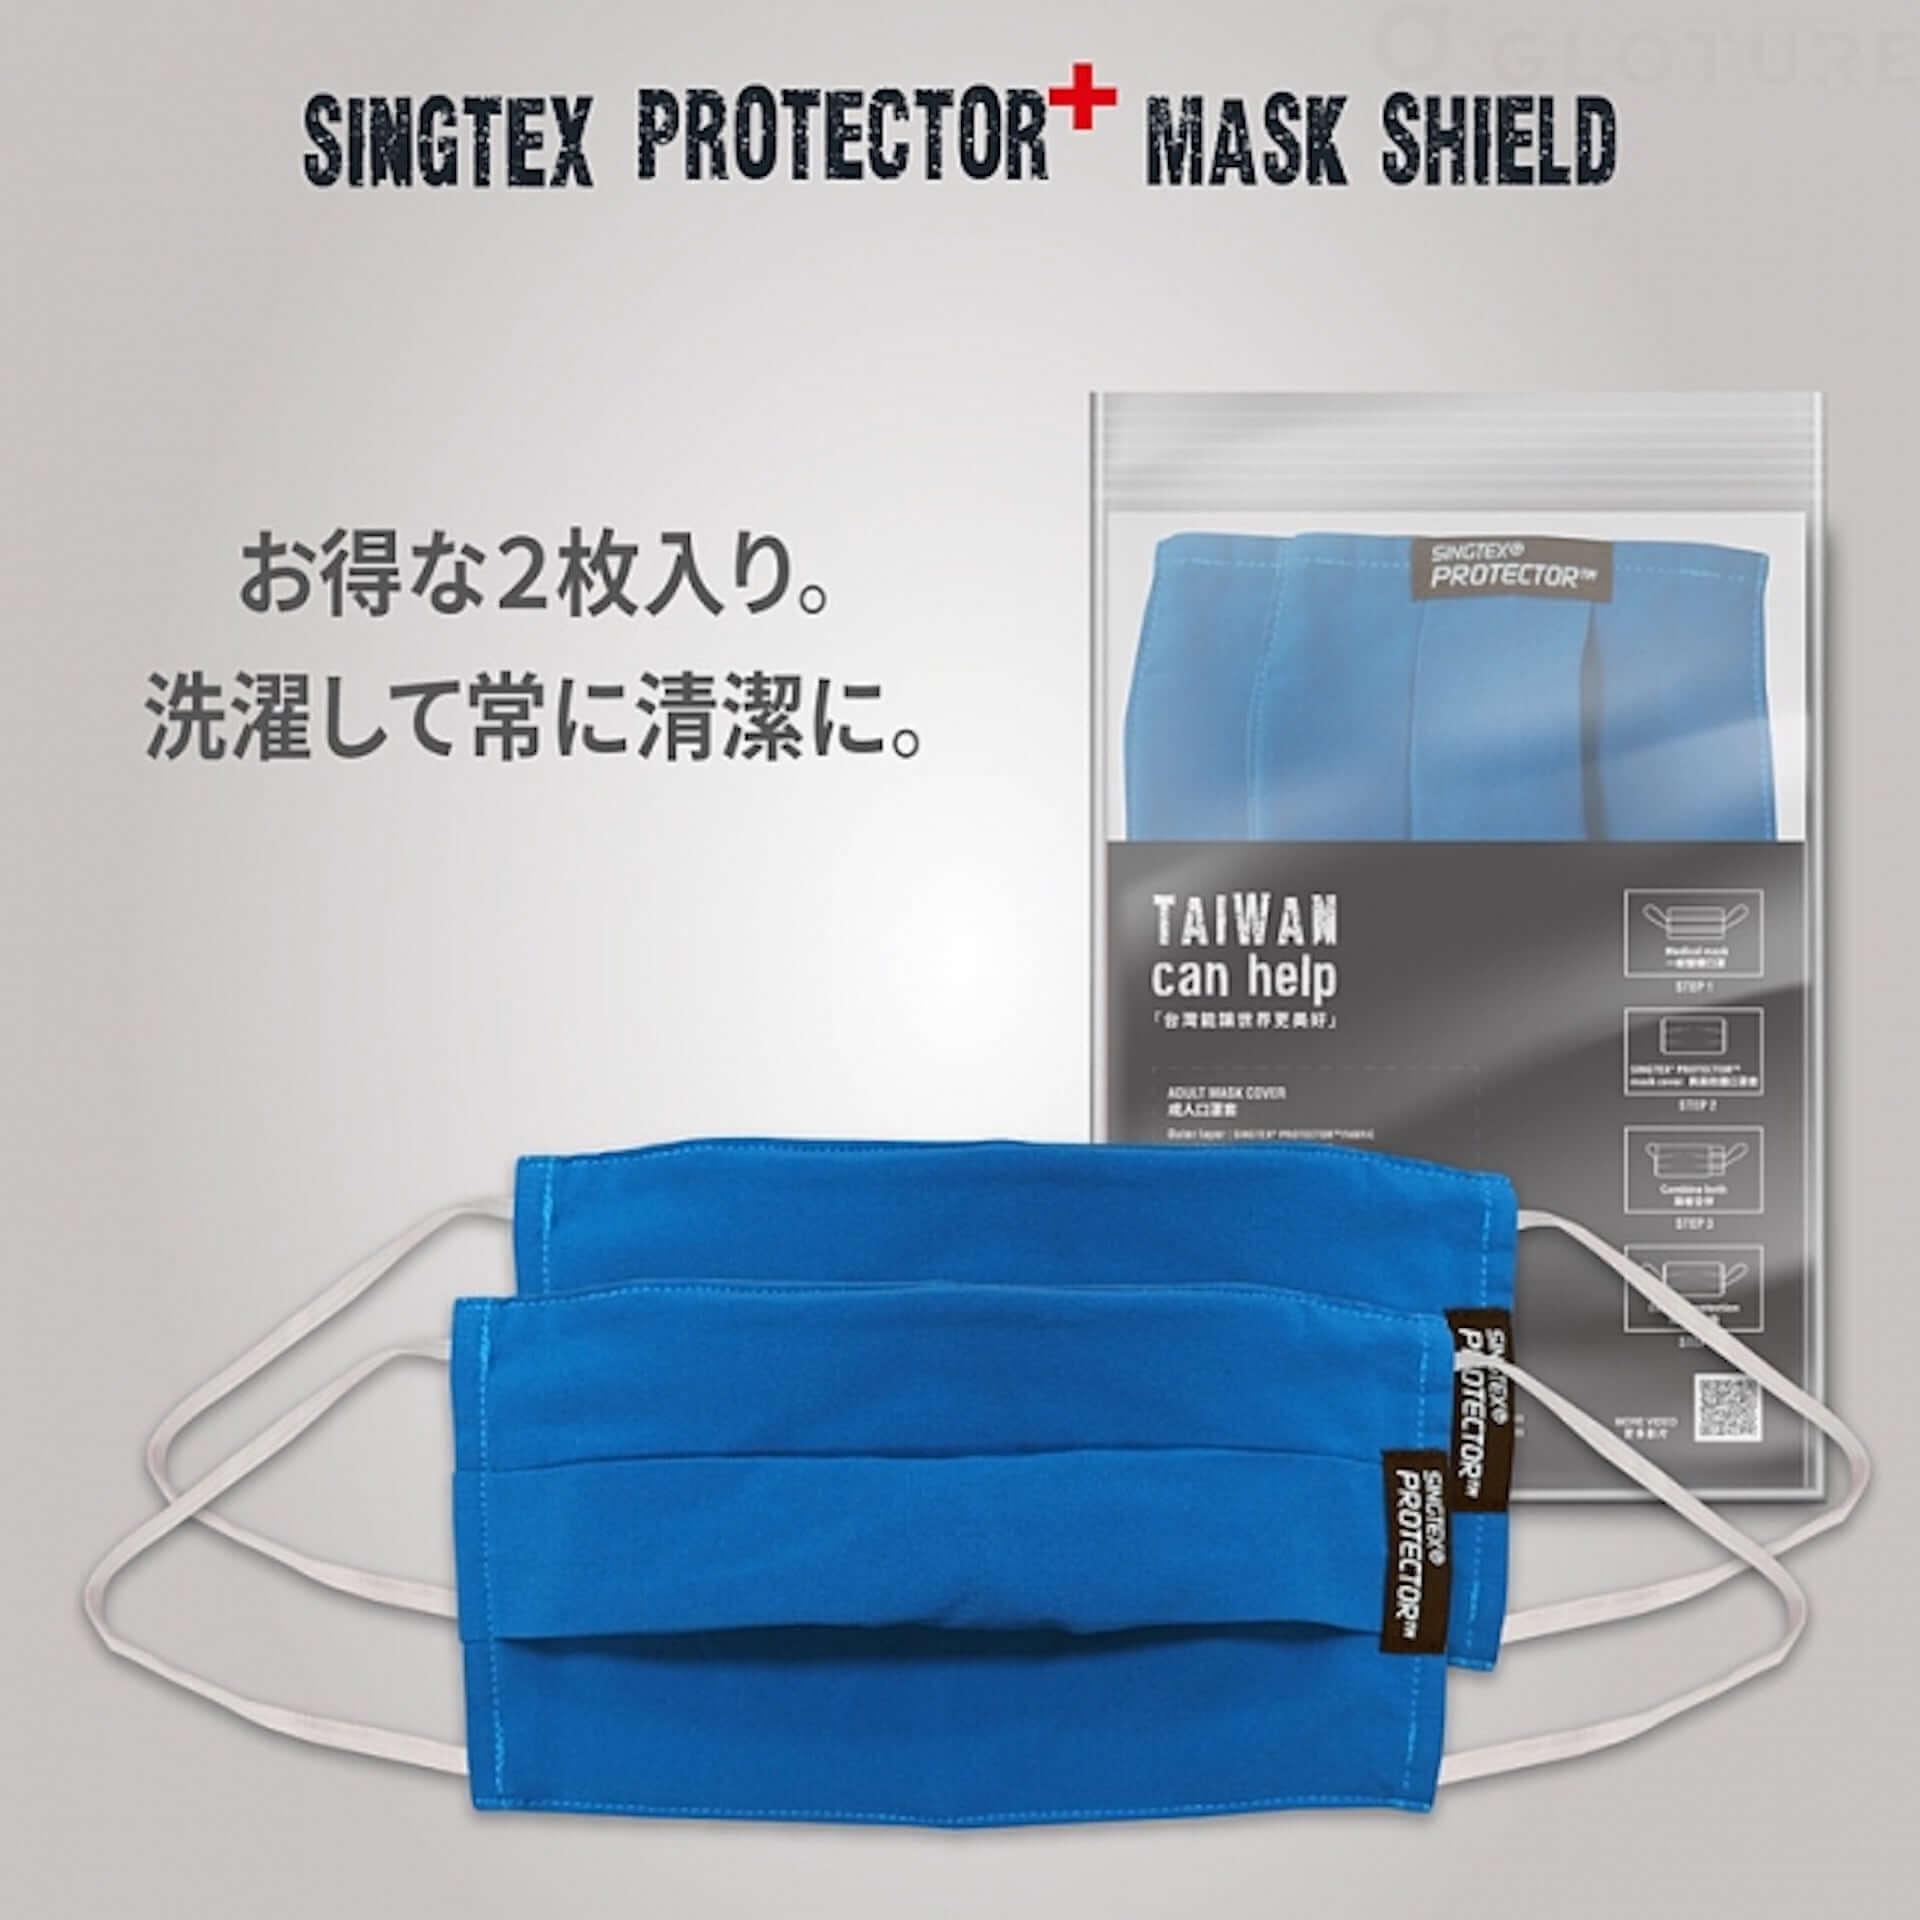 ハイテク・マスクカバー4つ購入で50枚入りマスク1箱が無料に!「SINGTEX PROTECTOR+」の家族パックキャンペーンが実施 tech200521_singtexmask_08-1920x1920